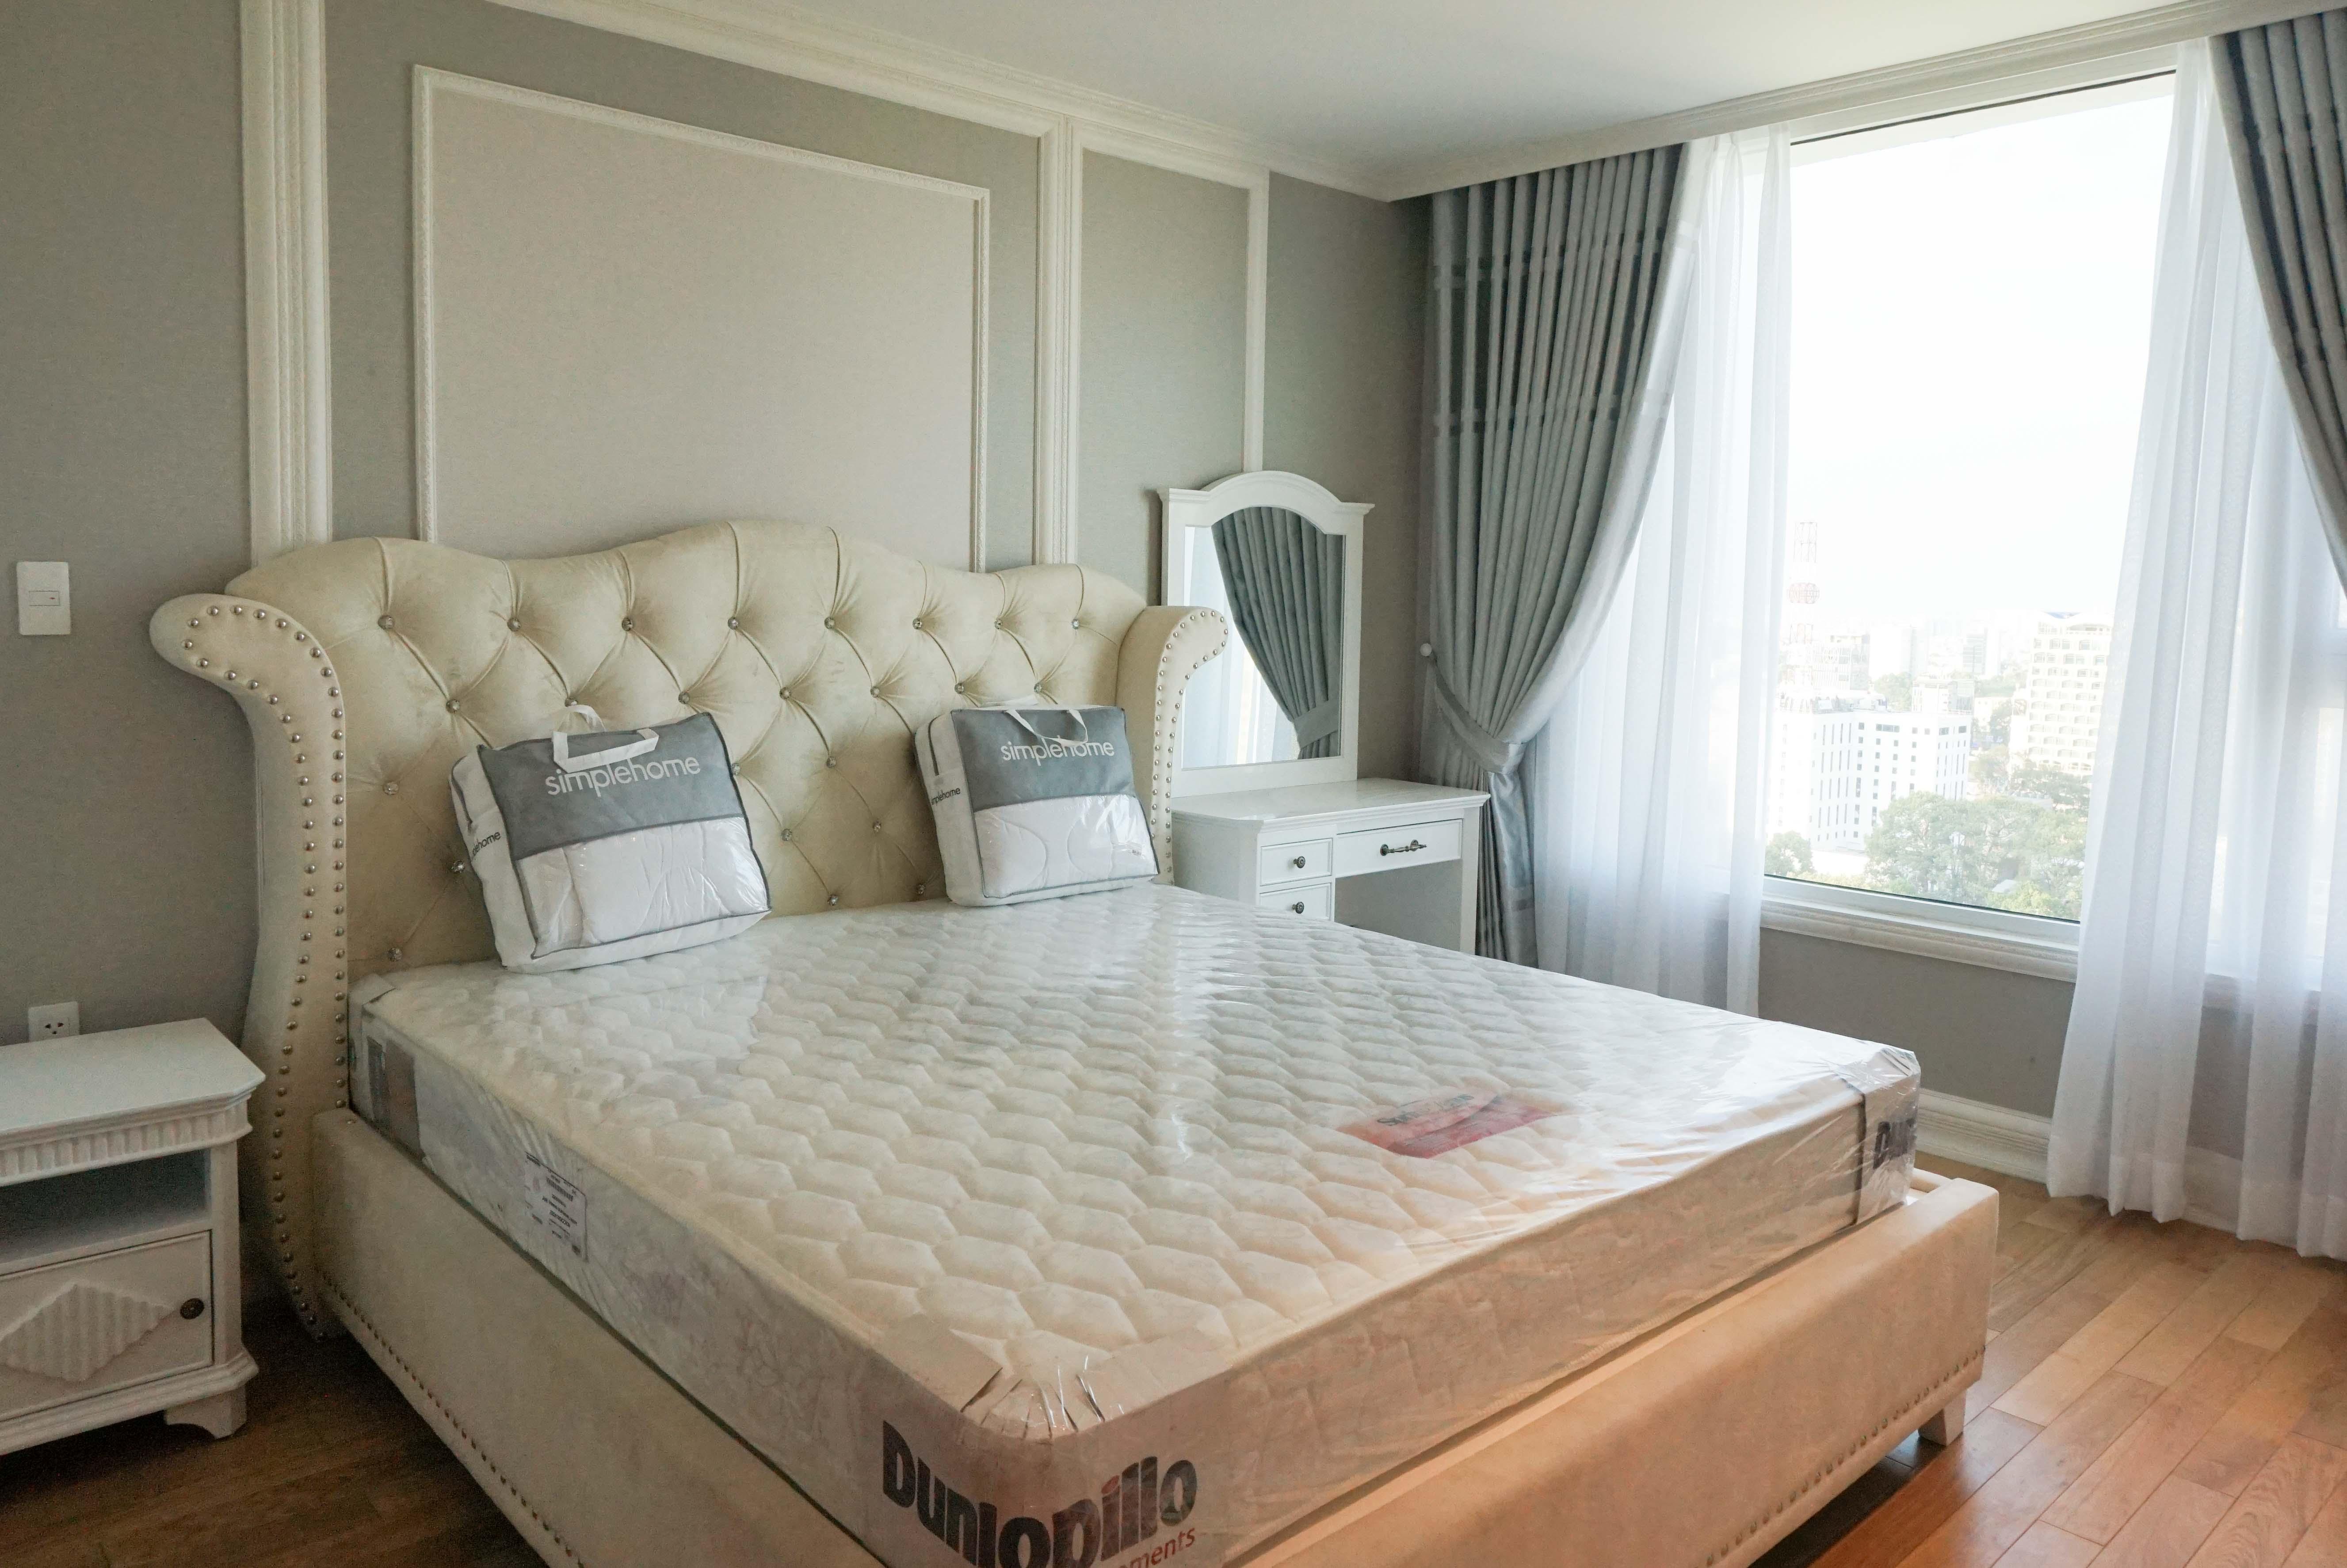 Căn hộ 2 PN Léman Luxury - Đầy Đủ Nội Thất - Căn Hộ Duyên Dáng Và Sang Trọng-2